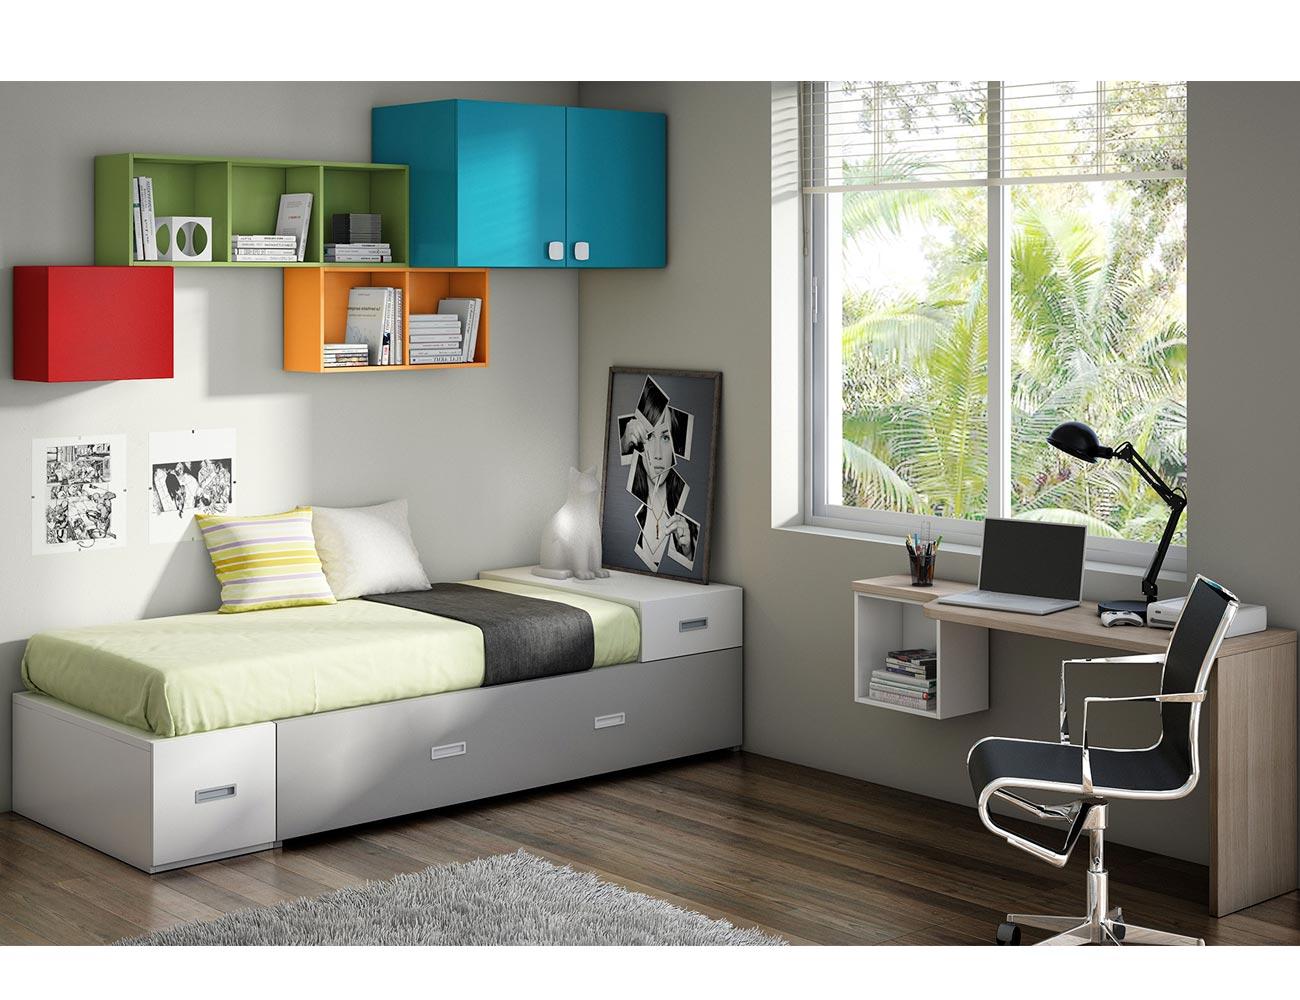 Dormitorio juvenil moderno box cube gris